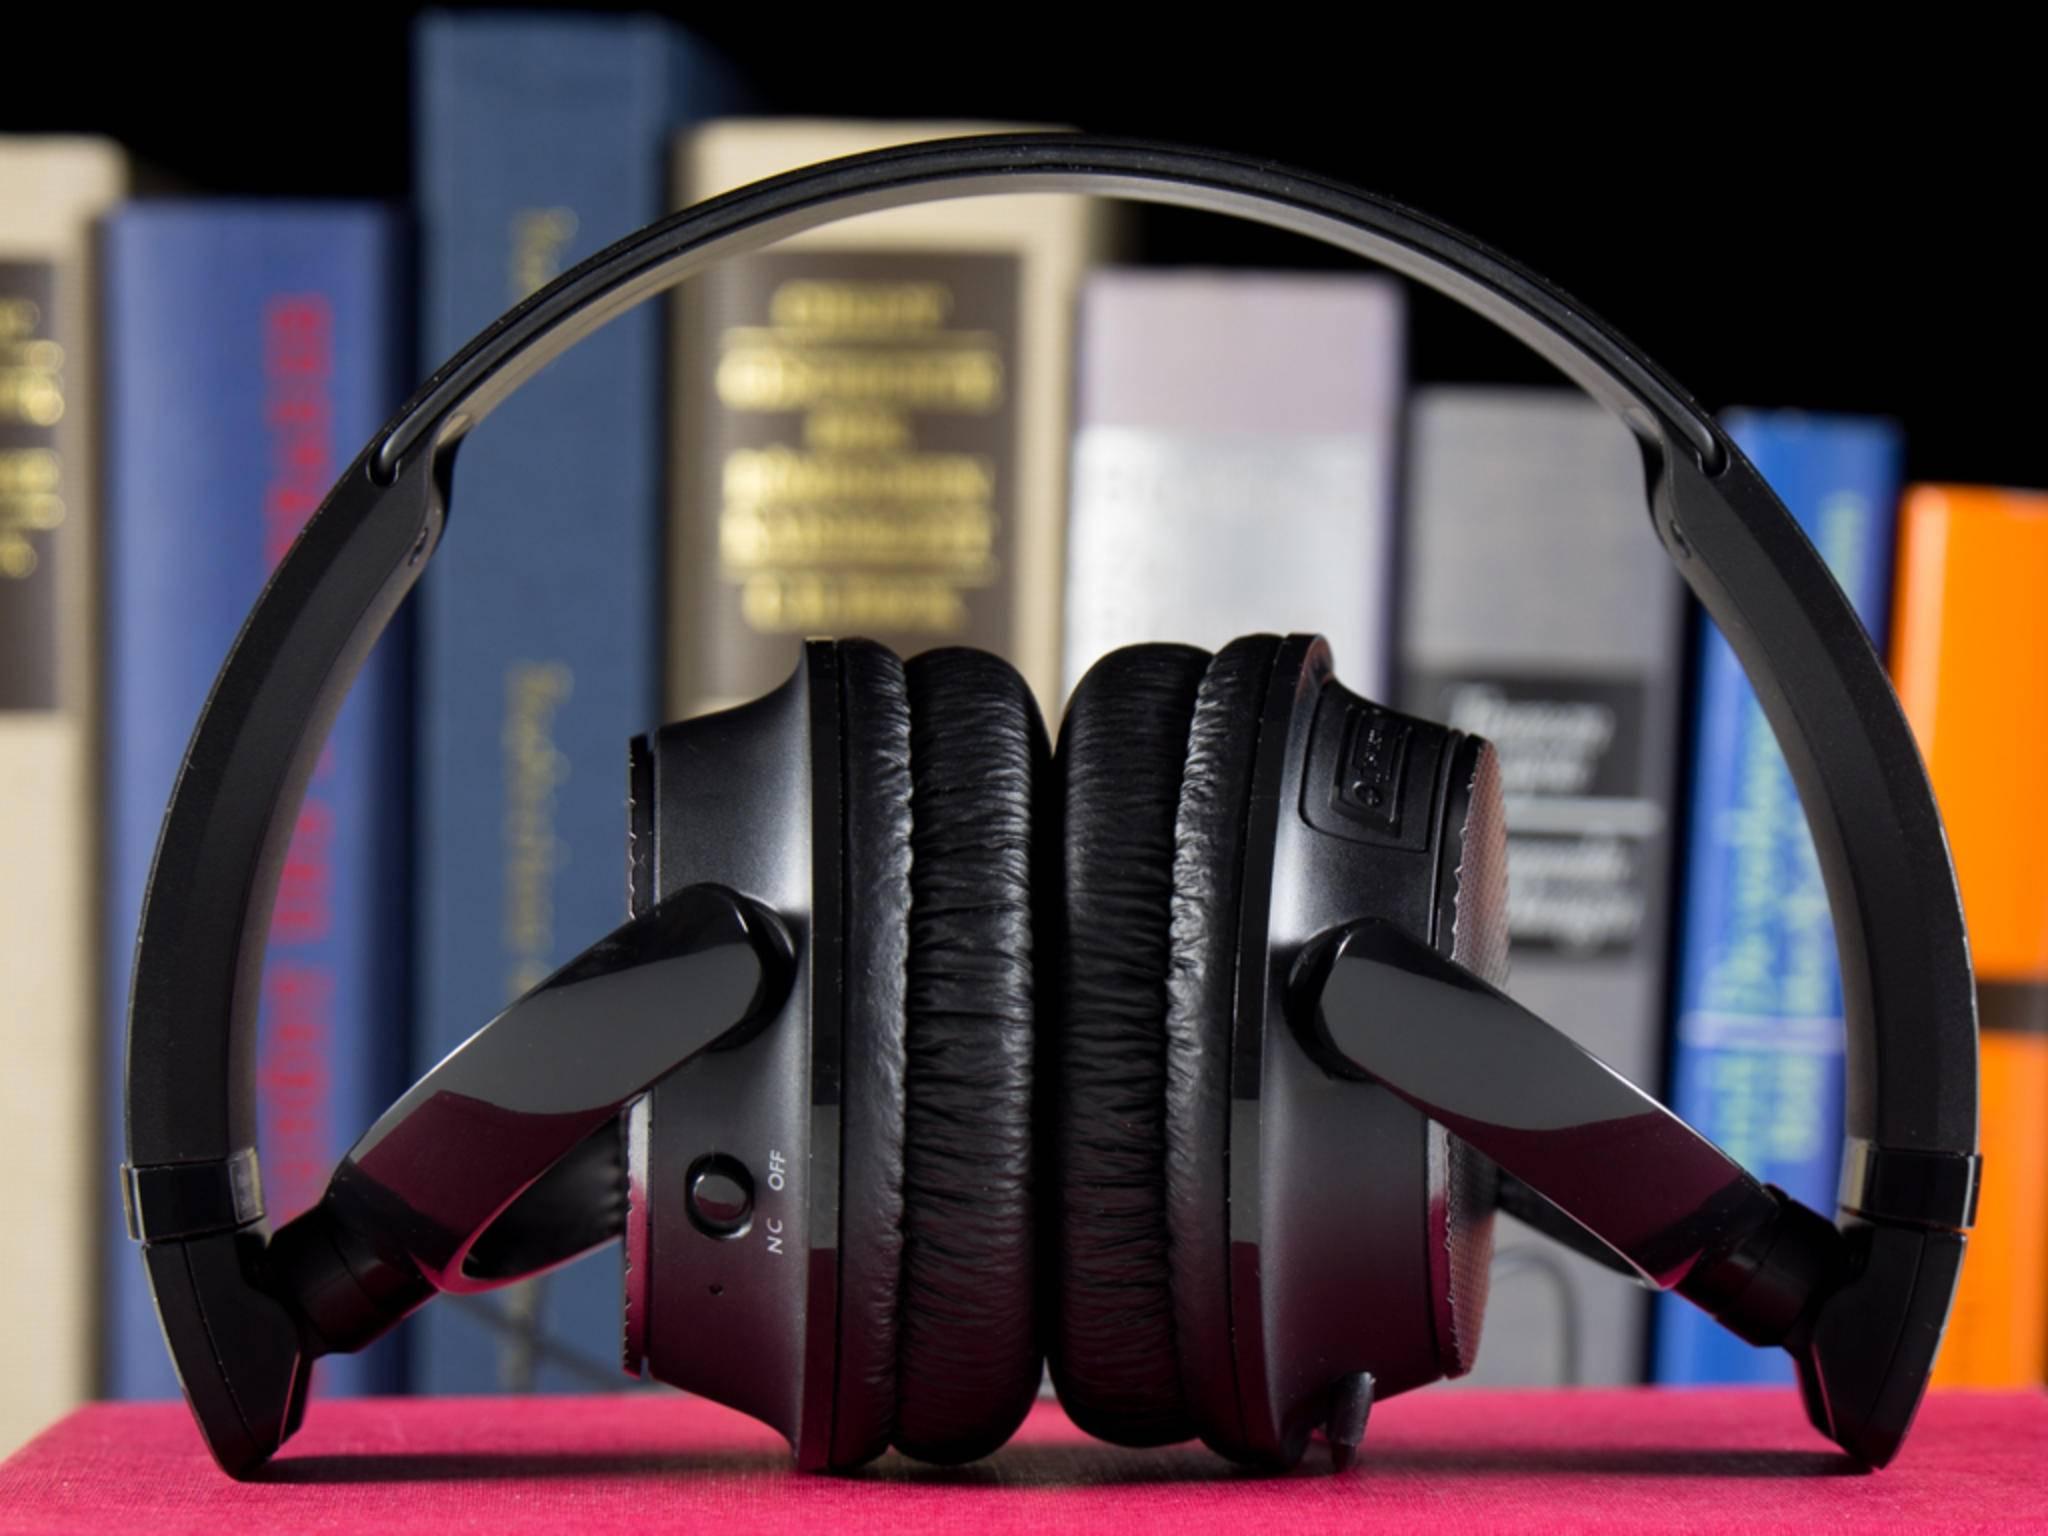 Der Kopfhörer lässt sich für den Transport bequem falten.